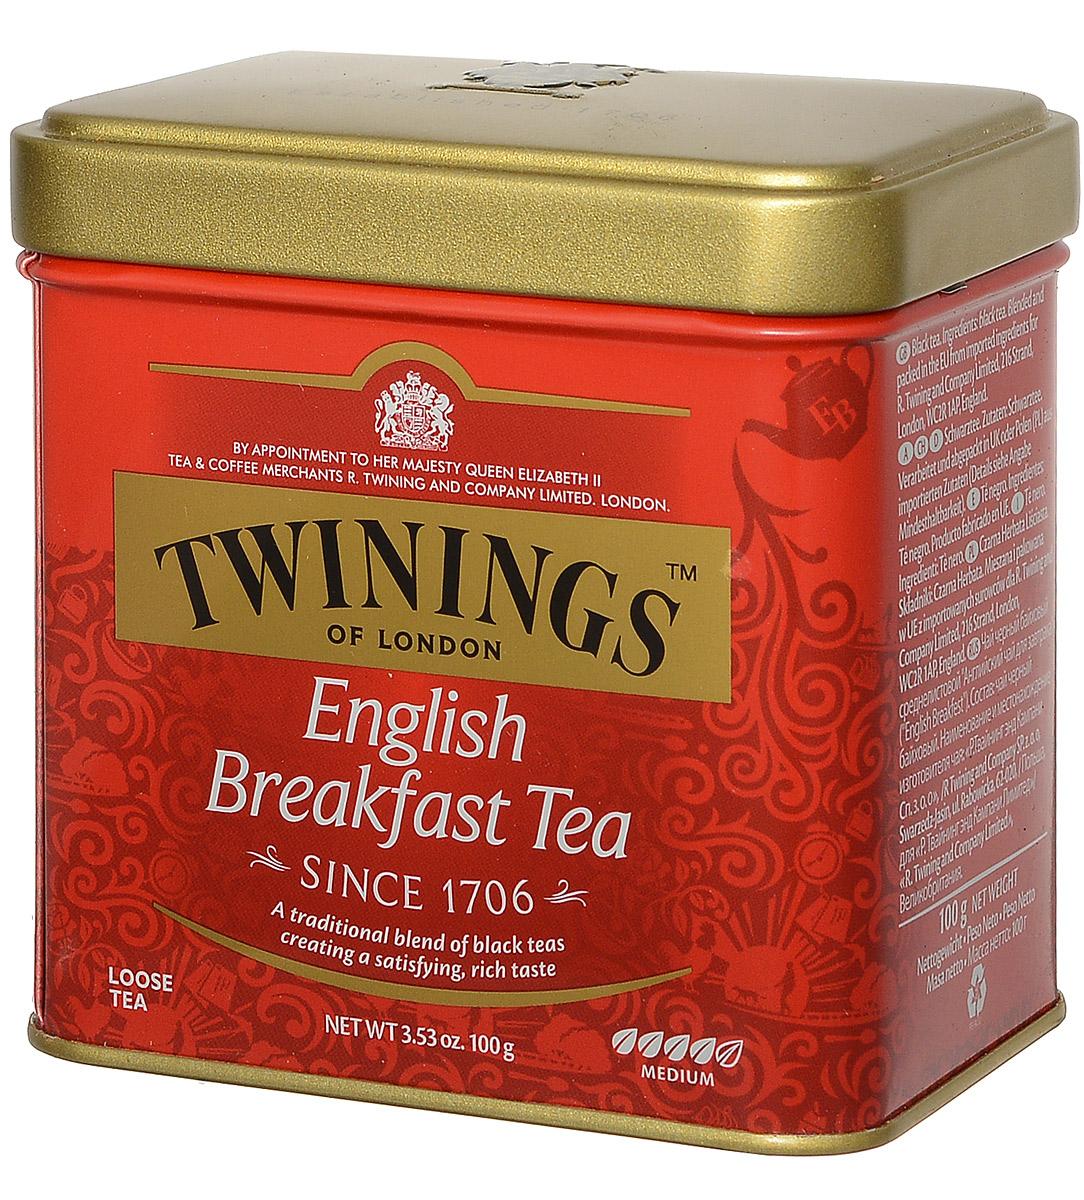 Twinings English Breakfast Tea черный листовой чай, 100 г (ж/б)070177029630Twinings English Breakfast Tea - крепкий освежающий черный чай высшего сорта. Смесь цейлонского и индийского черных чаев, передает ему типичный вкус английского чая. Twinings English Breakfast Tea - бодрящий напиток с насыщенным вкусом и цветом. Идеально подходит для тех, кому трудно просыпаться по утрам. Он хорошо сочетается с молоком или лимоном.